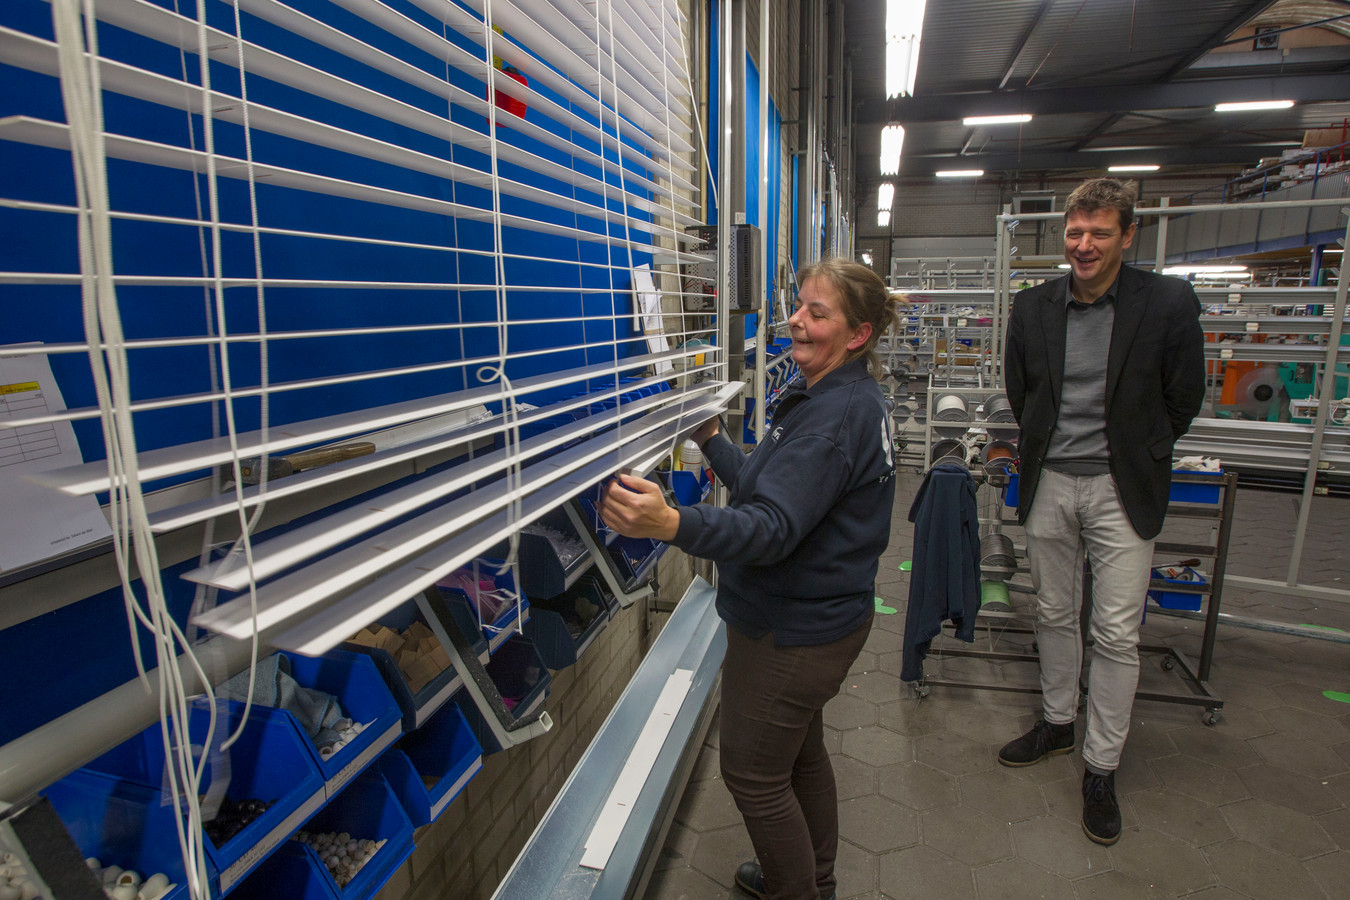 Directeur Frank Pulles in de fabriek van Verano bij een houten jaloezie die met de hand wordt gemonteerd, in 2015.